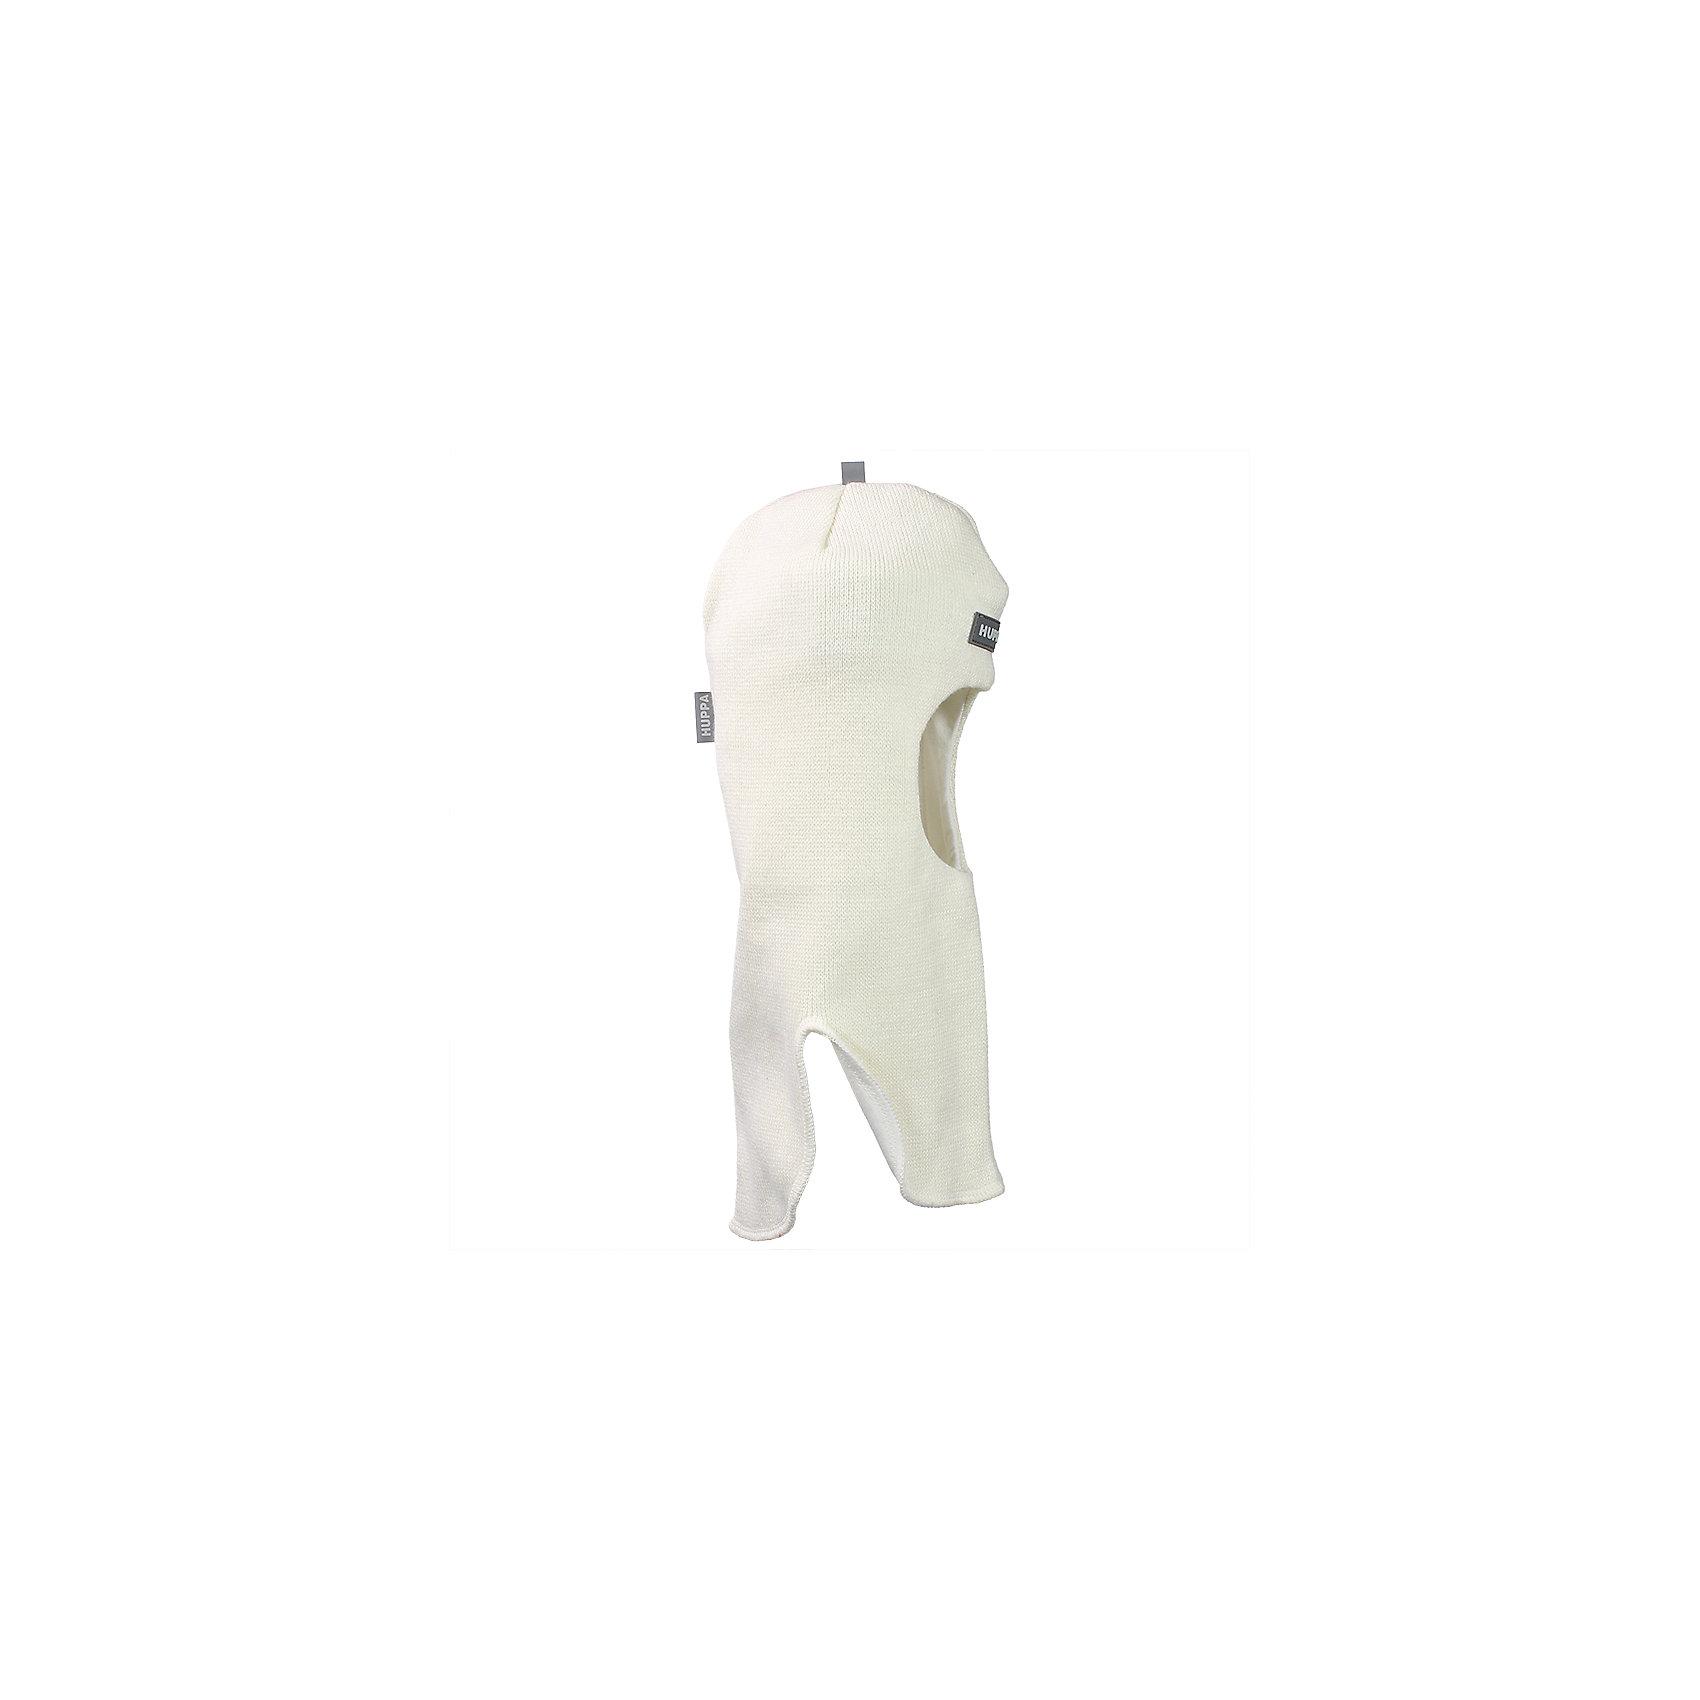 Шапка-шлем Gerda для девочки HuppaГоловные уборы<br>Характеристики товара:<br><br>• цвет: белый<br>• состав: 50% хлопок, 50% акрил<br>• подкладка: трикотаж - 100% хлопок<br>• температурный режим: от -5°С до +10°С<br>• демисезонная<br>• ветронепроницаемые вставки в области ушей<br>• логотип<br>• комфортная посадка<br>• мягкий материал<br>• страна бренда: Эстония<br><br>Эта шапка обеспечит детям тепло и комфорт. Она сделана из приятного на ощупь мягкого материала. Шапка очень симпатично смотрится, а дизайн и расцветка позволяют сочетать её с различной одеждой. Модель была разработана специально для детей.<br><br>Одежда и обувь от популярного эстонского бренда Huppa - отличный вариант одеть ребенка можно и комфортно. Вещи, выпускаемые компанией, качественные, продуманные и очень удобные. Для производства изделий используются только безопасные для детей материалы. Продукция от Huppa порадует и детей, и их родителей!<br><br>Шапку-шлем для девочки от бренда Huppa (Хуппа) можно купить в нашем интернет-магазине.<br><br>Ширина мм: 89<br>Глубина мм: 117<br>Высота мм: 44<br>Вес г: 155<br>Цвет: белый<br>Возраст от месяцев: 36<br>Возраст до месяцев: 72<br>Пол: Женский<br>Возраст: Детский<br>Размер: 51-53,47-49,43-45<br>SKU: 4595858